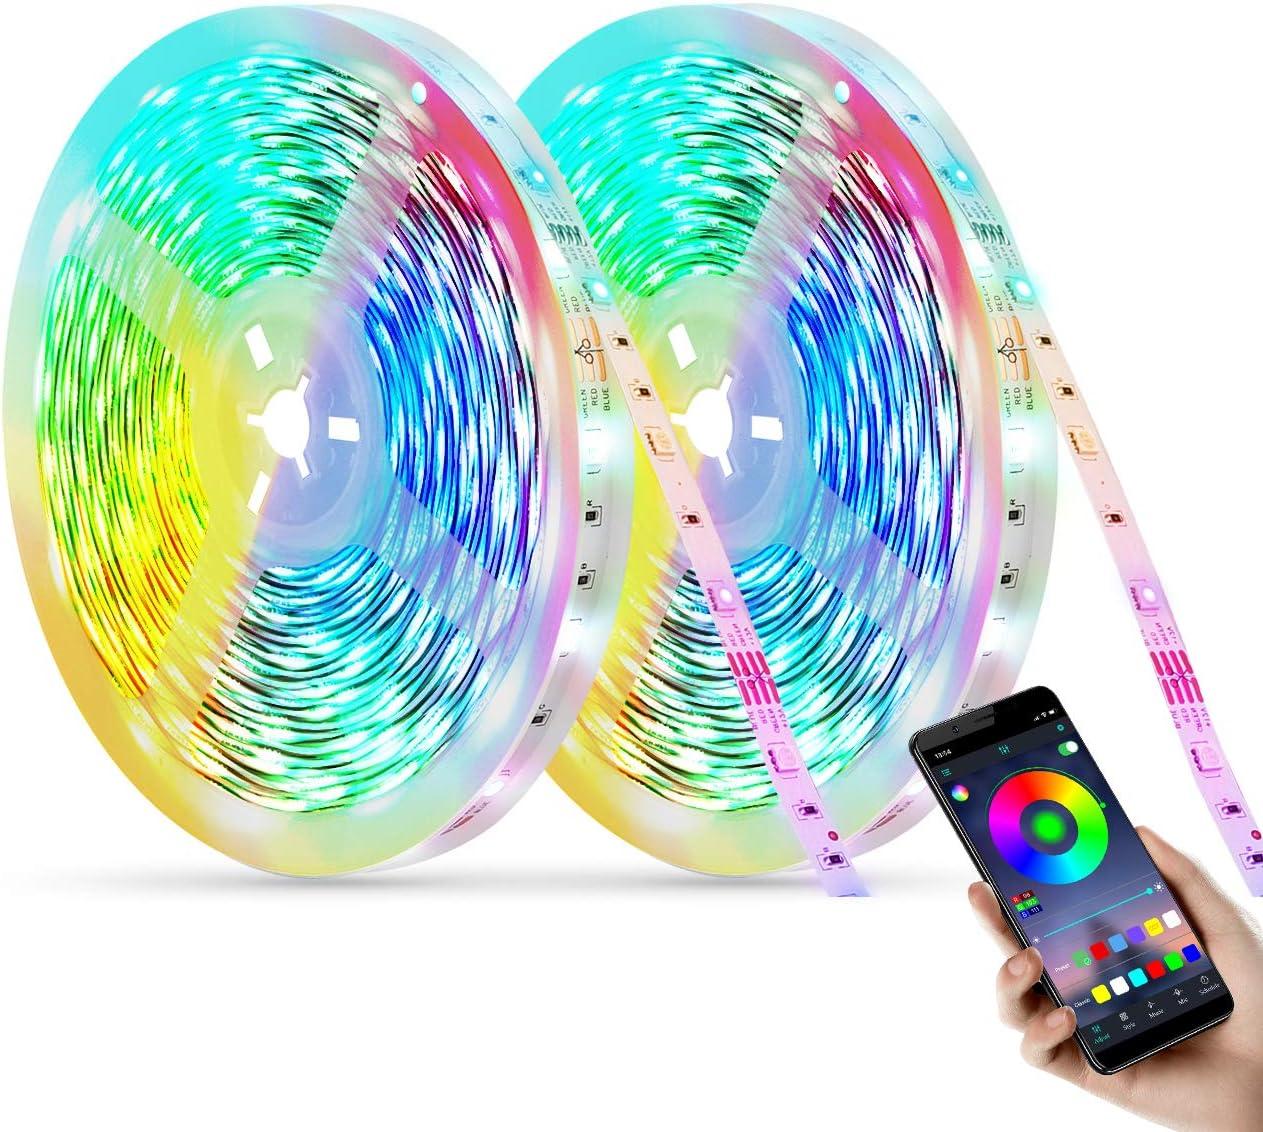 Tira Led Bluetooth 12M,Luces Led,Luces Led Iluminacion,Multicolor Control Remoto Tira Led RGB,Leds Habitacion para TV, Monitor Coche Pasillo,Fiesta